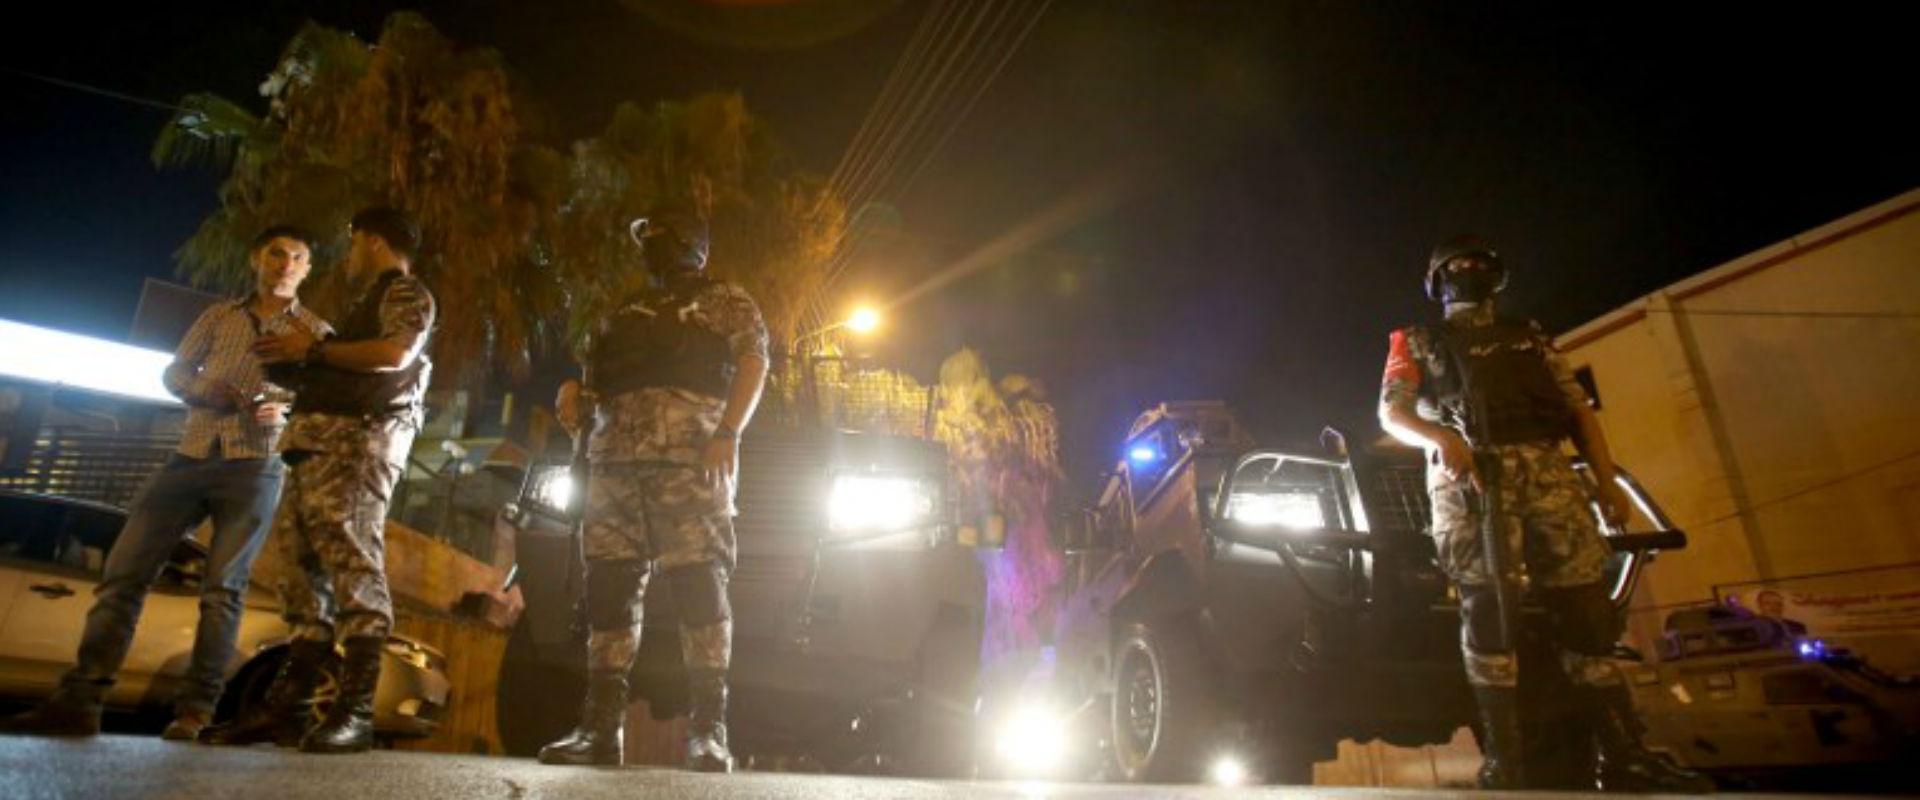 כוחות ירדנים מחוץ לשגרירות הישראלית בעמאן